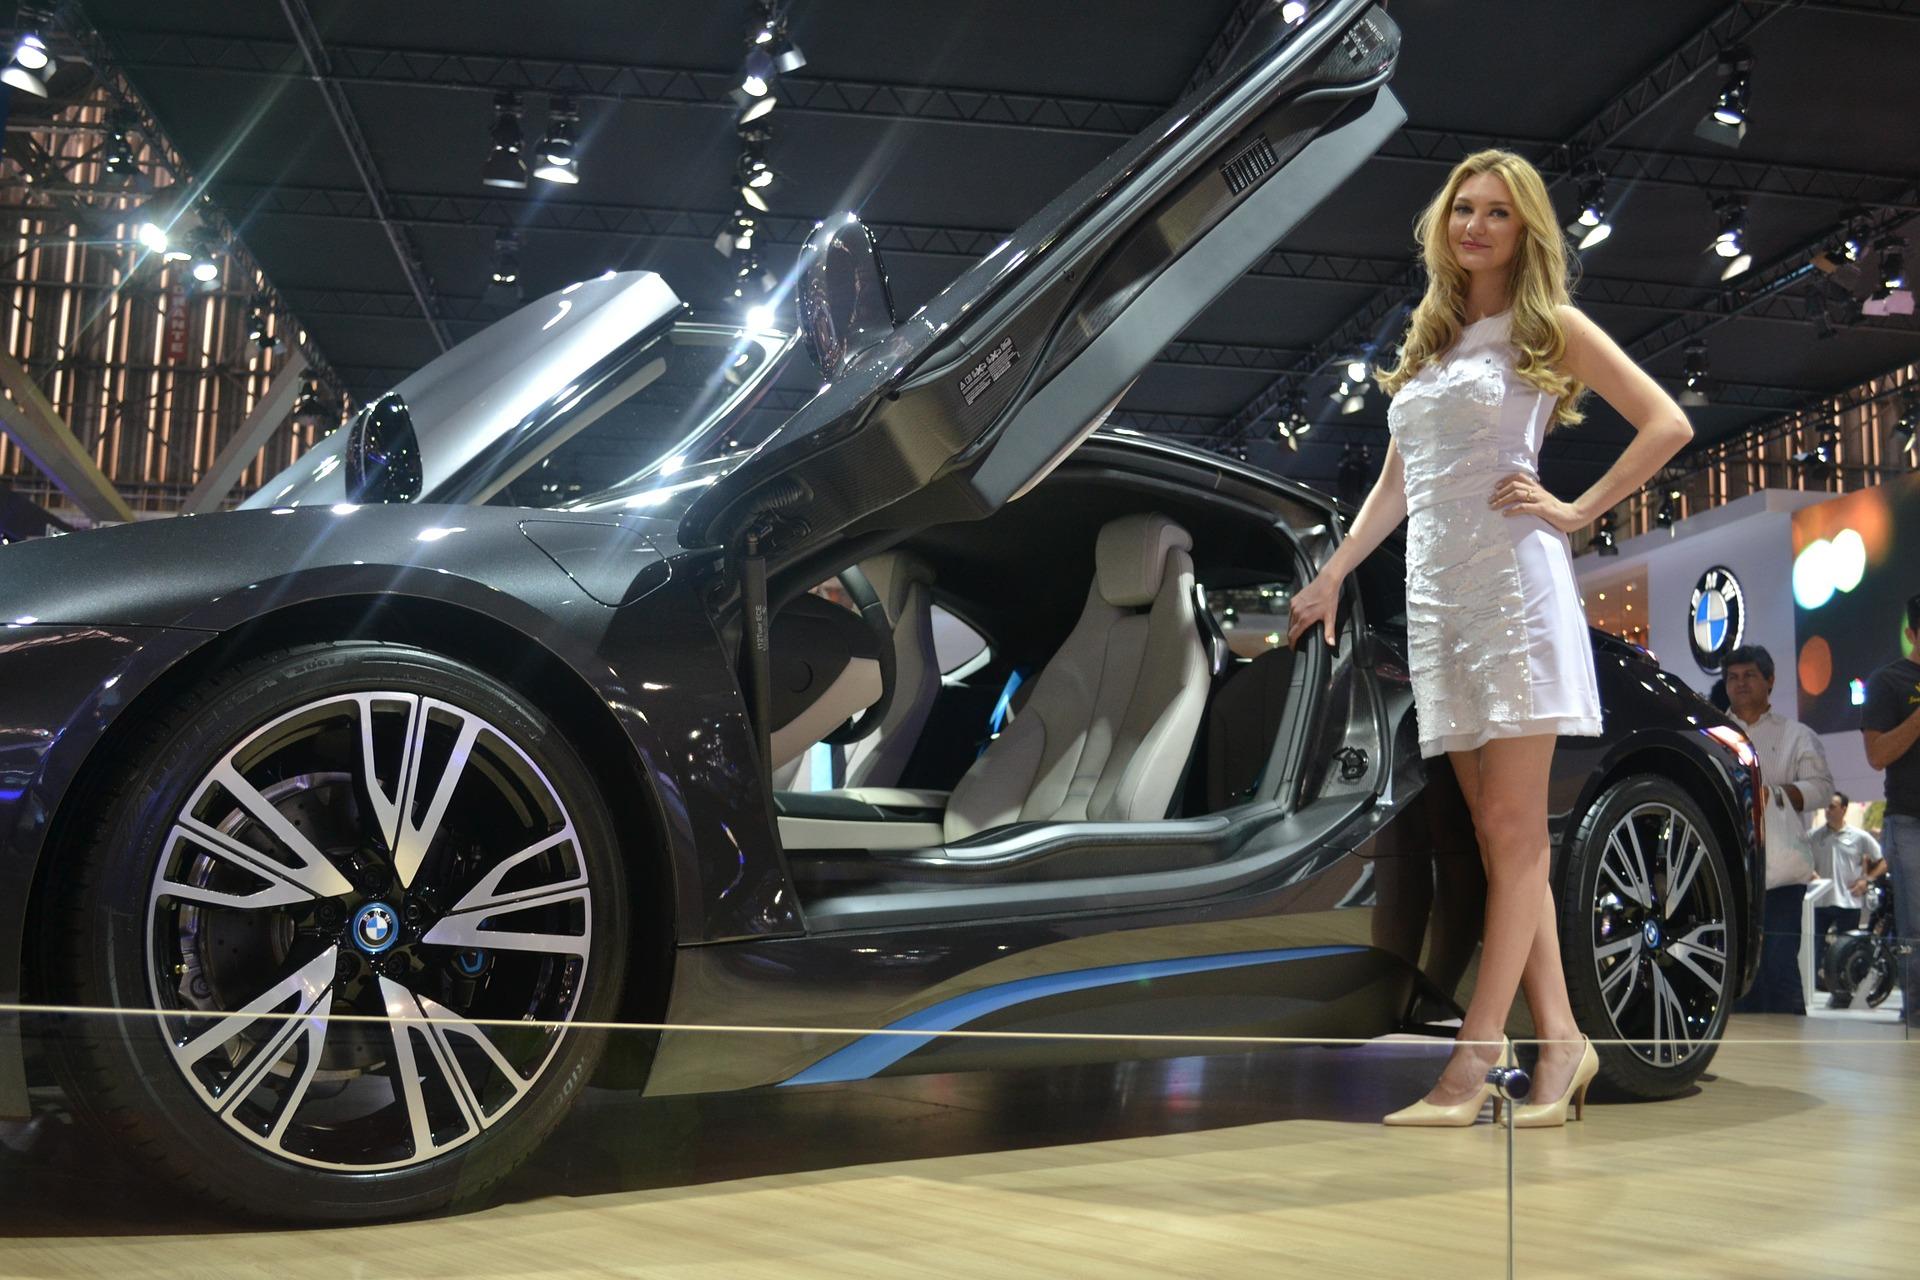 «Времена изменились». К чему приведет отказ автопроизводителей от девушек‐моделей на Женевском автосалоне | Изображение 2